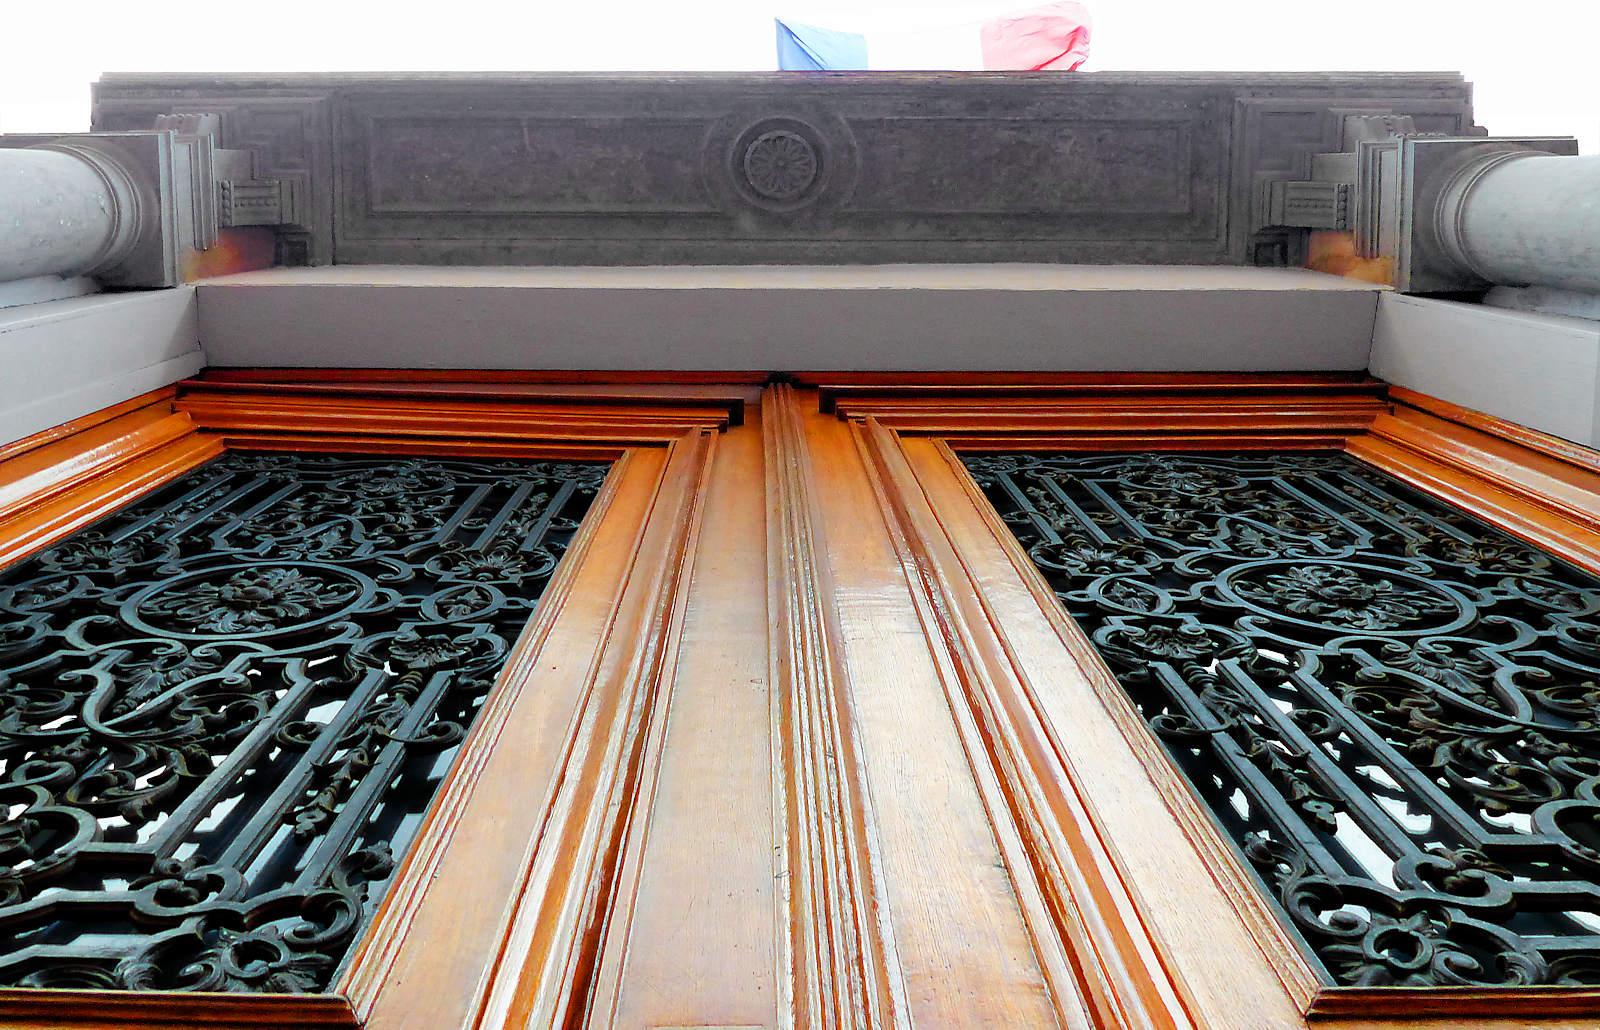 École primaire CNDI Tourcoing - Plateforme Balcon et rosace